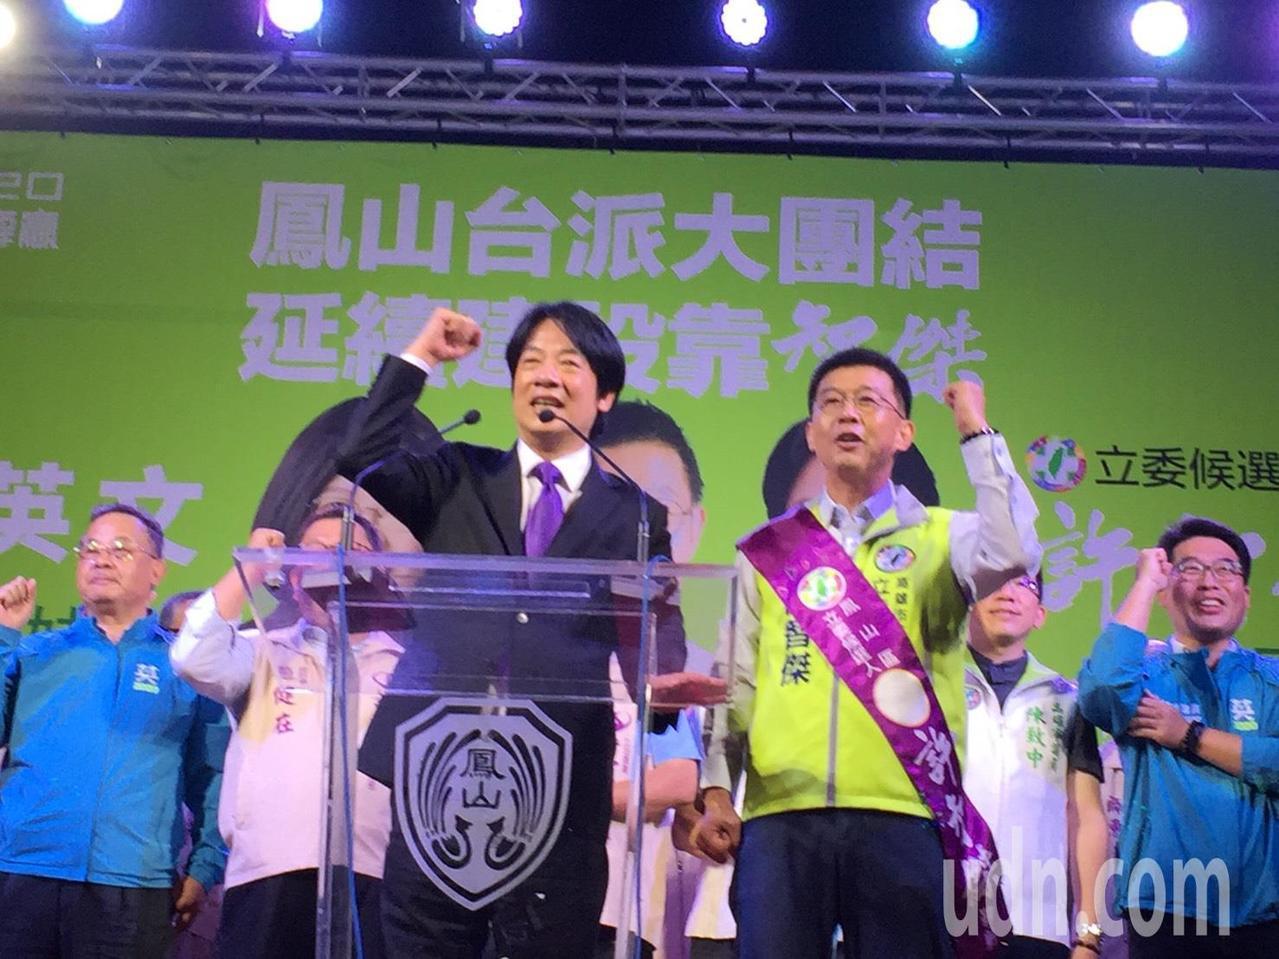 行政院前院長賴清德(前左)今晚為民進黨立委參選人許智傑(前右)站台。記者楊濡嘉/...